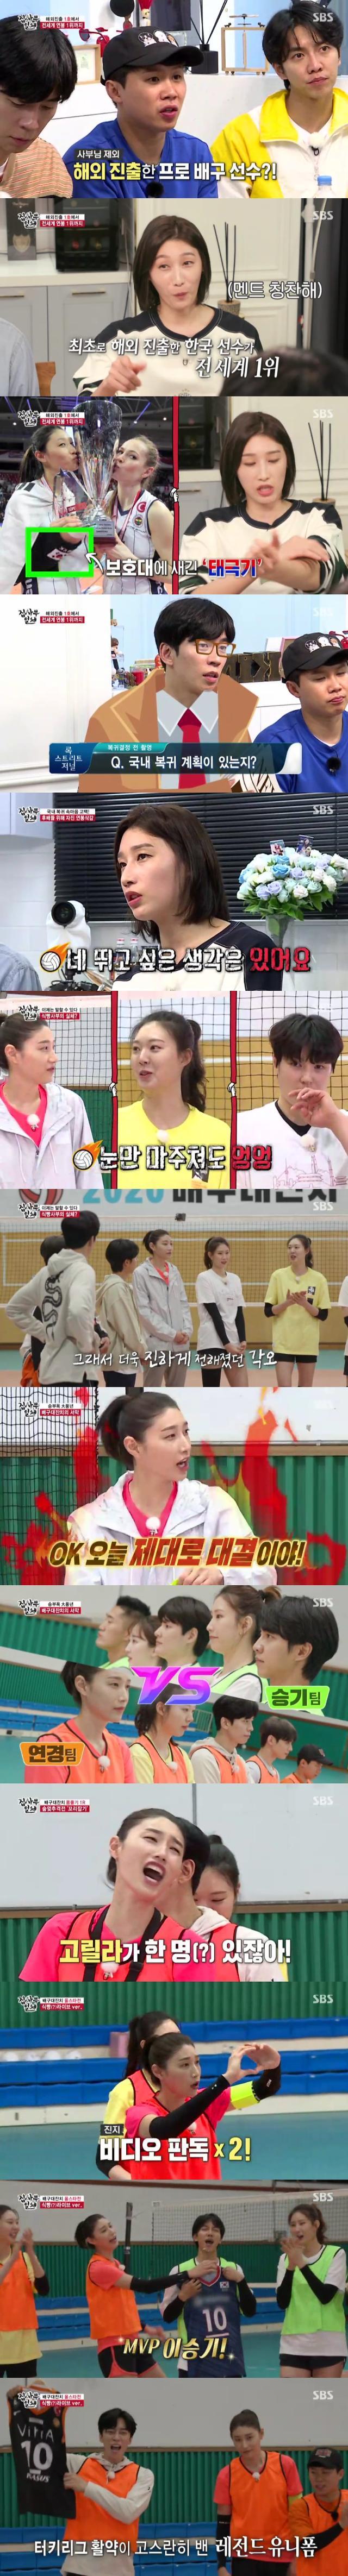 김연경, 솔직+화끈 매력 제대로 통했다···'집사부일체' 2049 시청률 2주 연속 1위